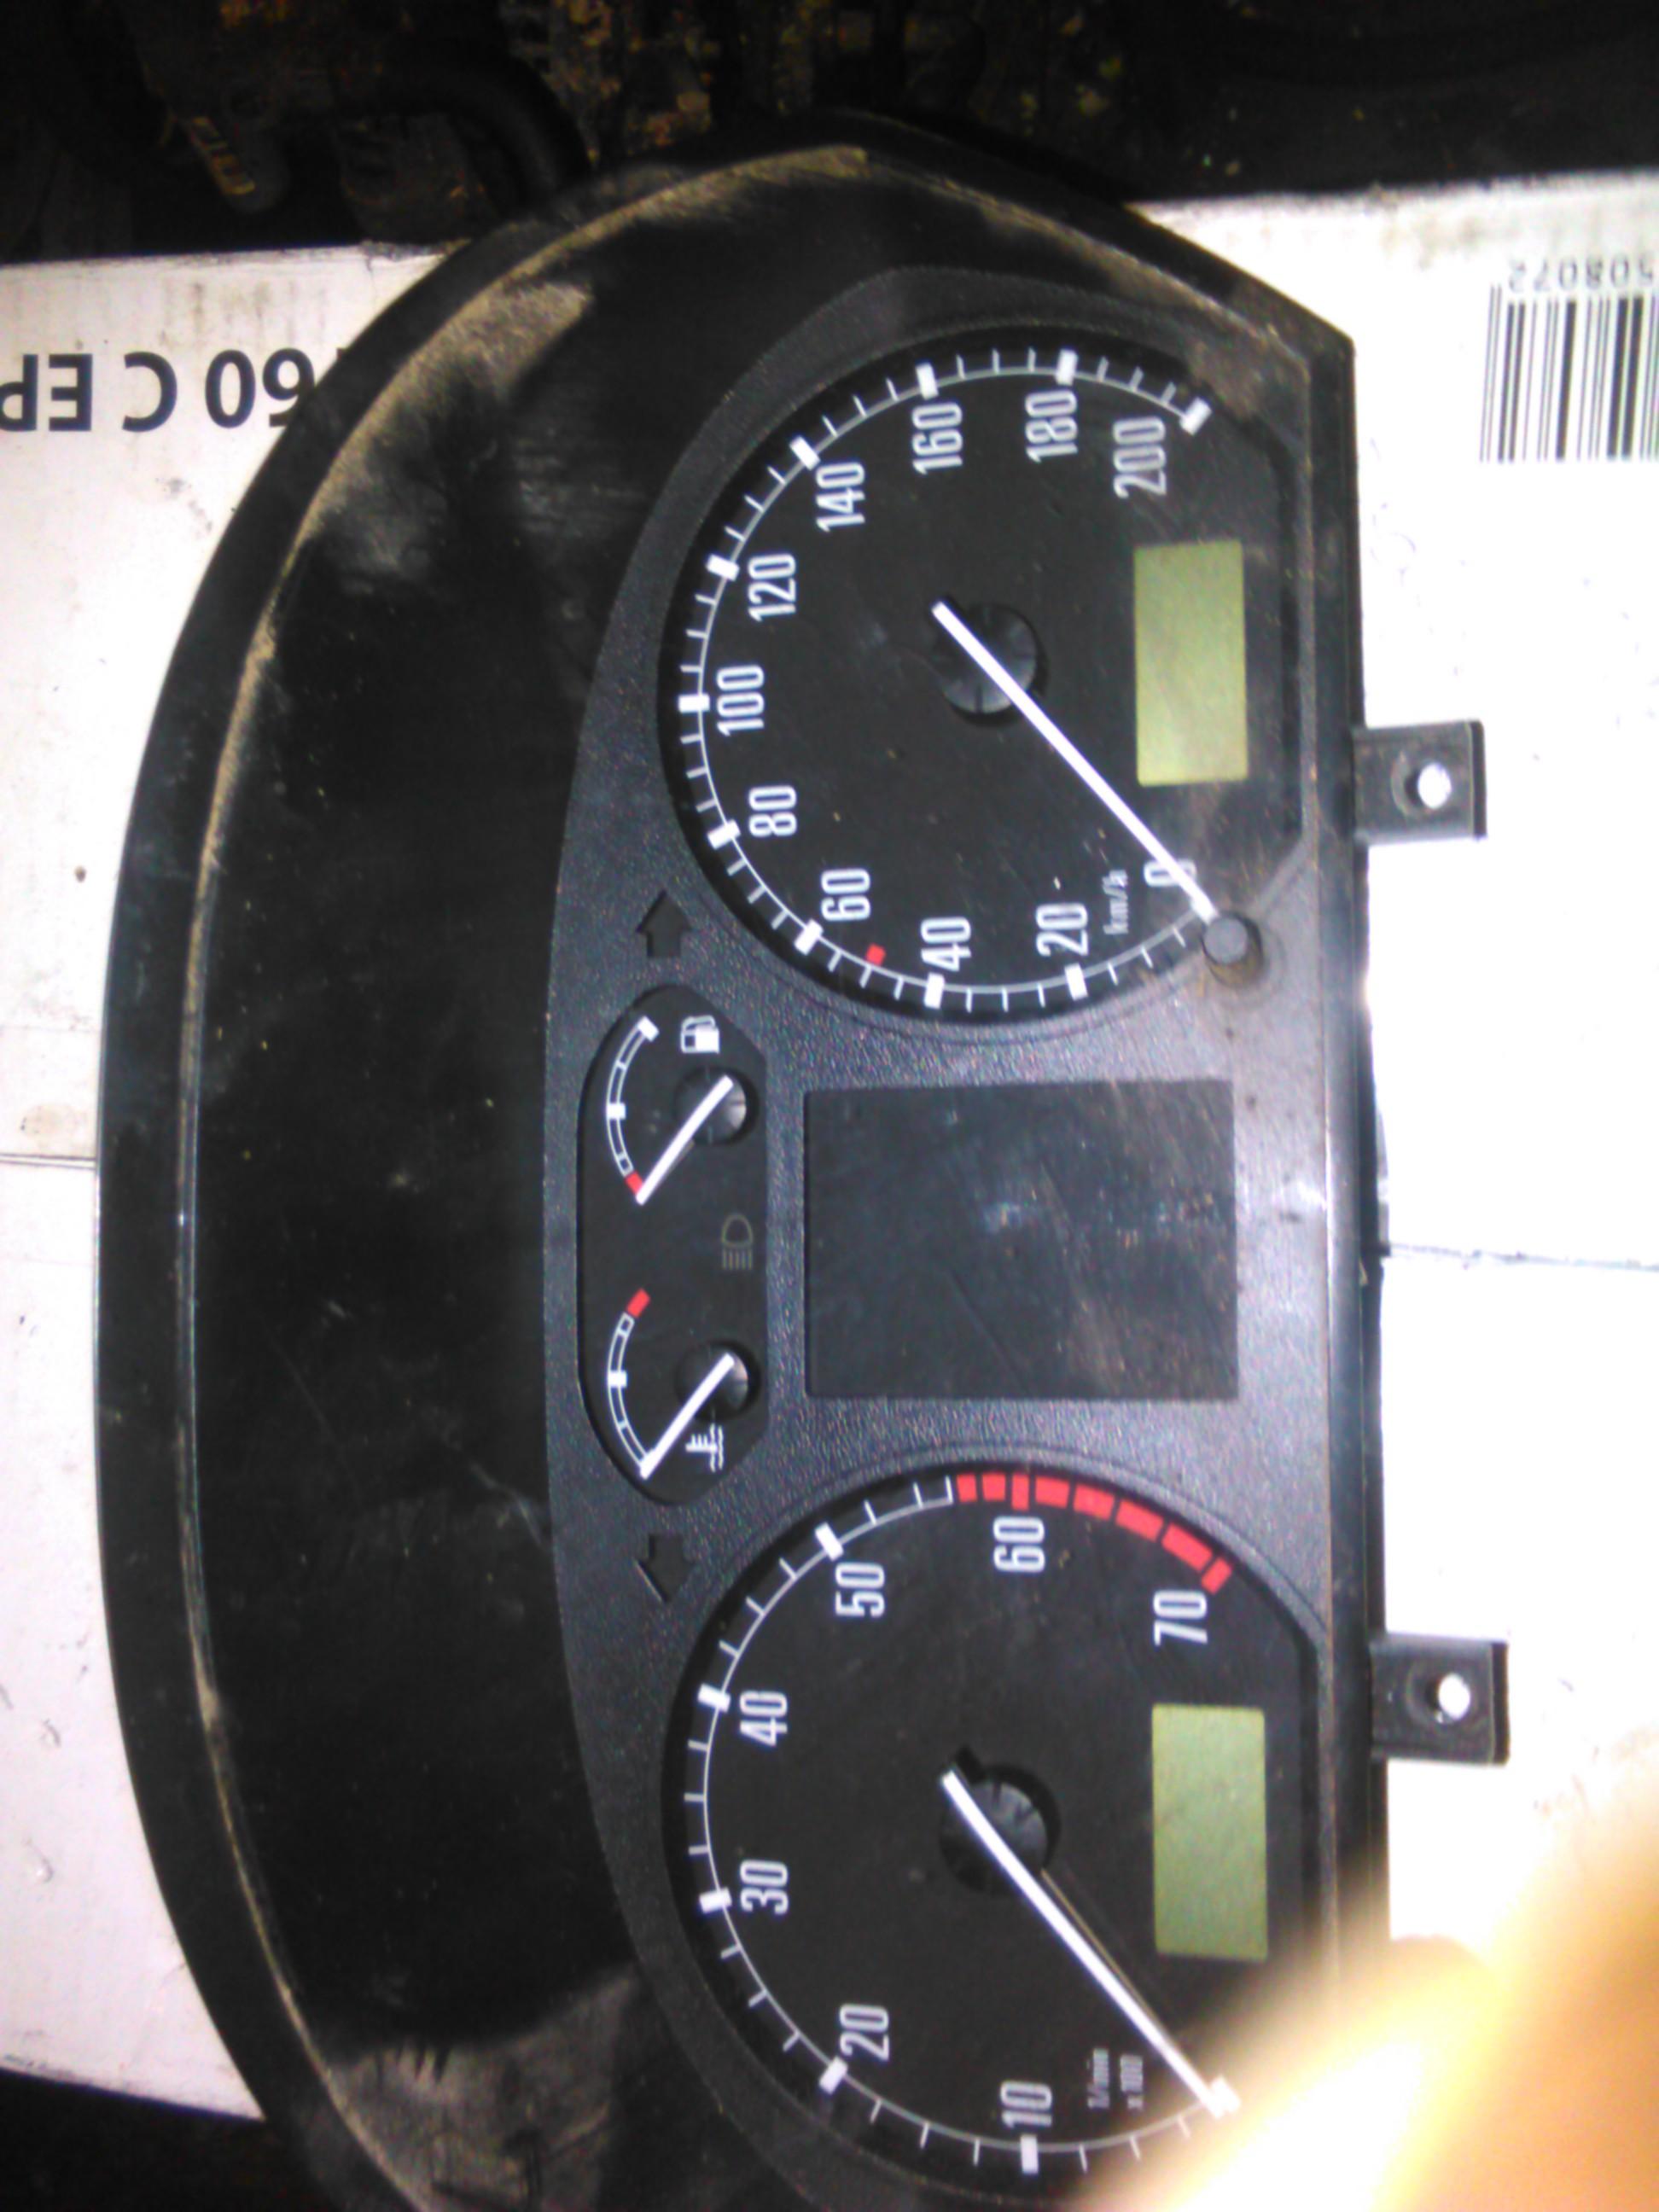 Ceasuri Bord Vw Polo 2003 1.2 AZQ